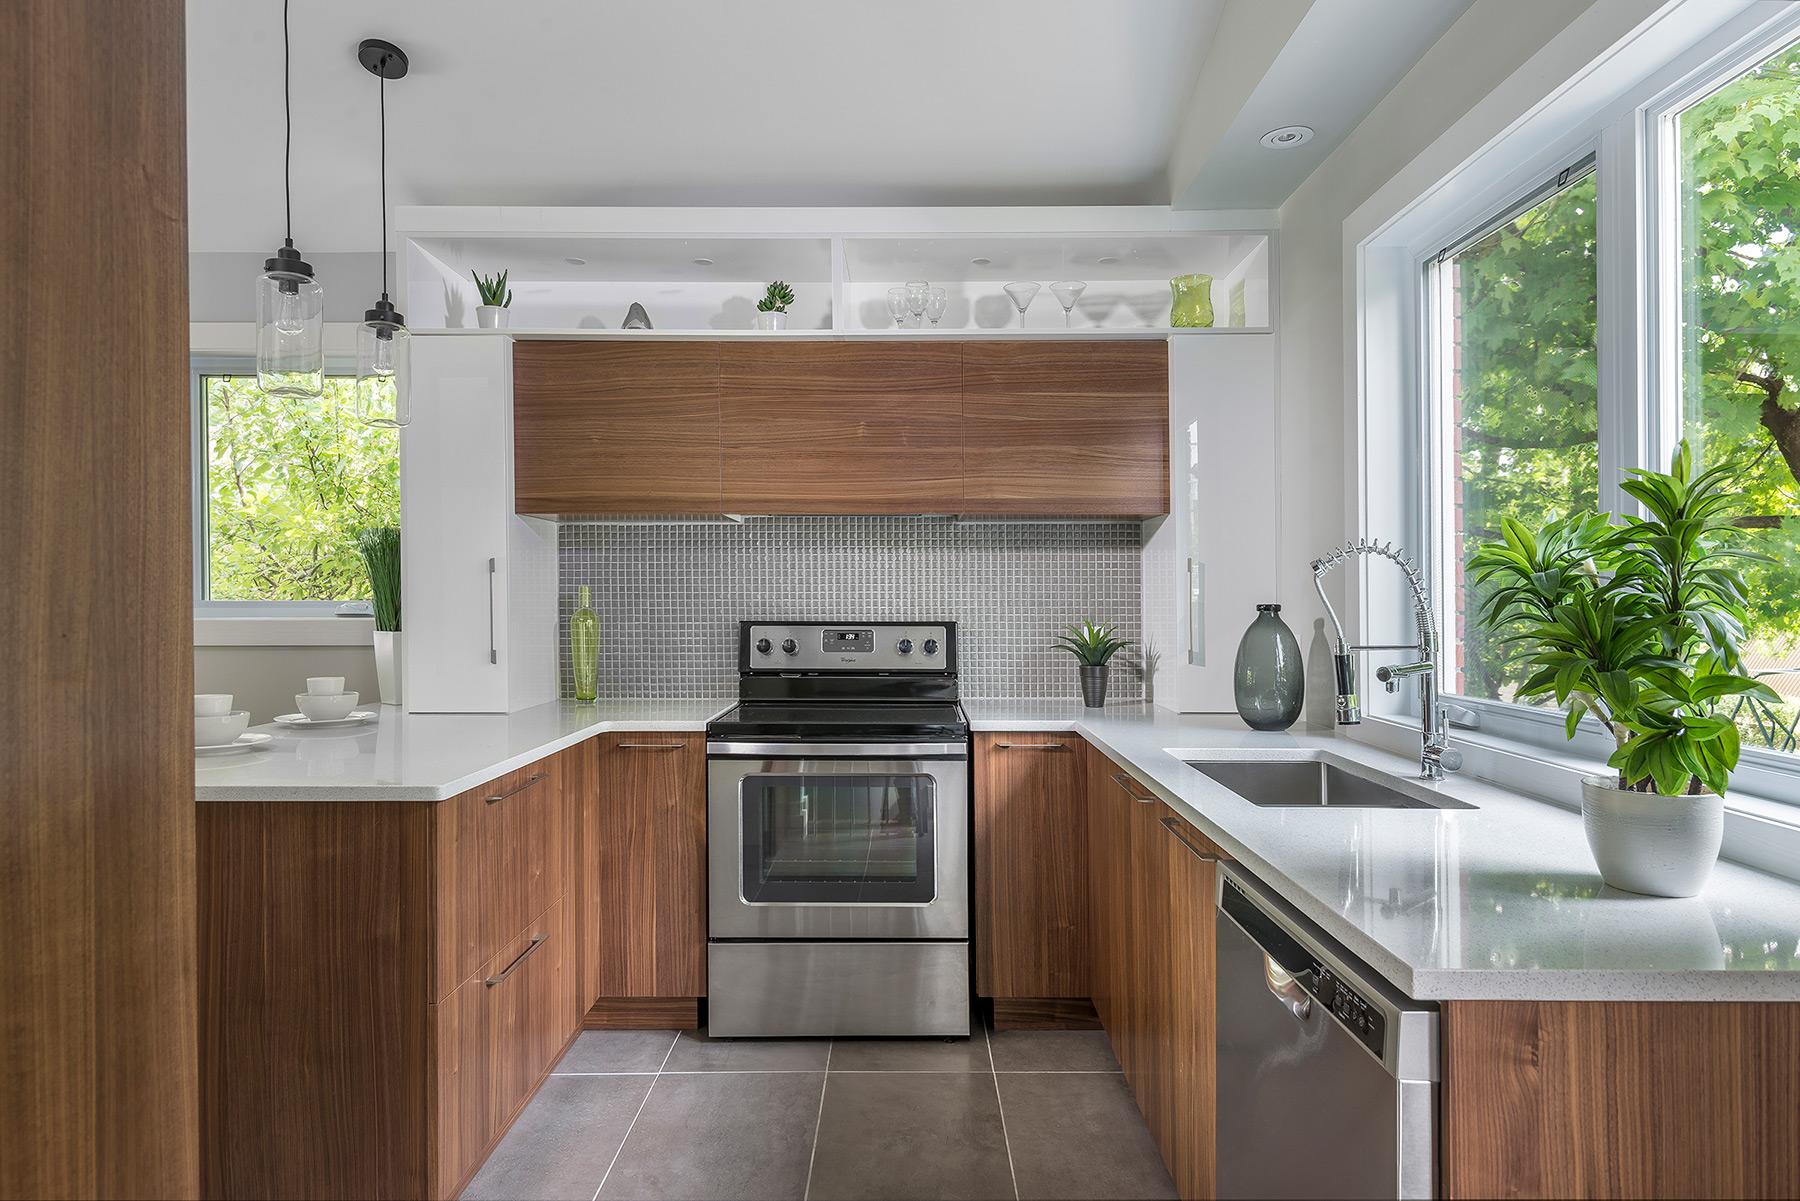 Projet cuisine petit espace grandes id es armodec for Cuisine moderne petit espace